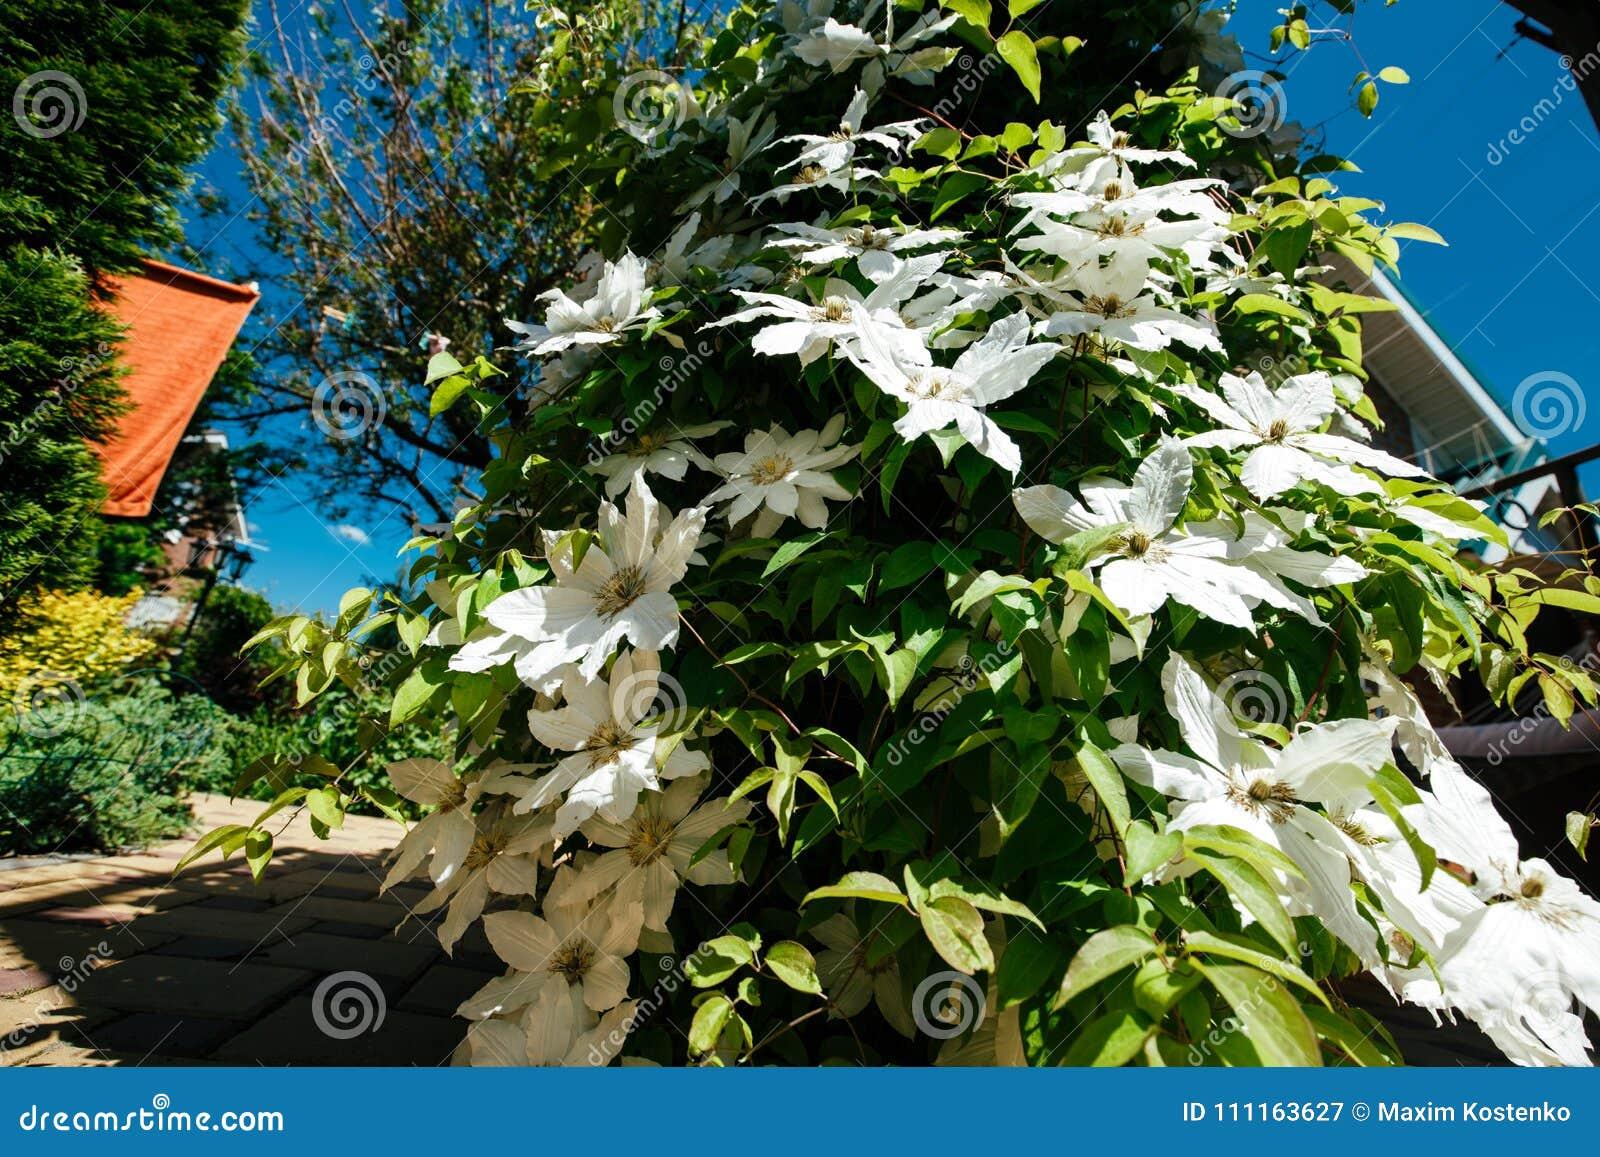 Come Recintare Un Giardino la clematide fiorisce completamente coprendo un giardino